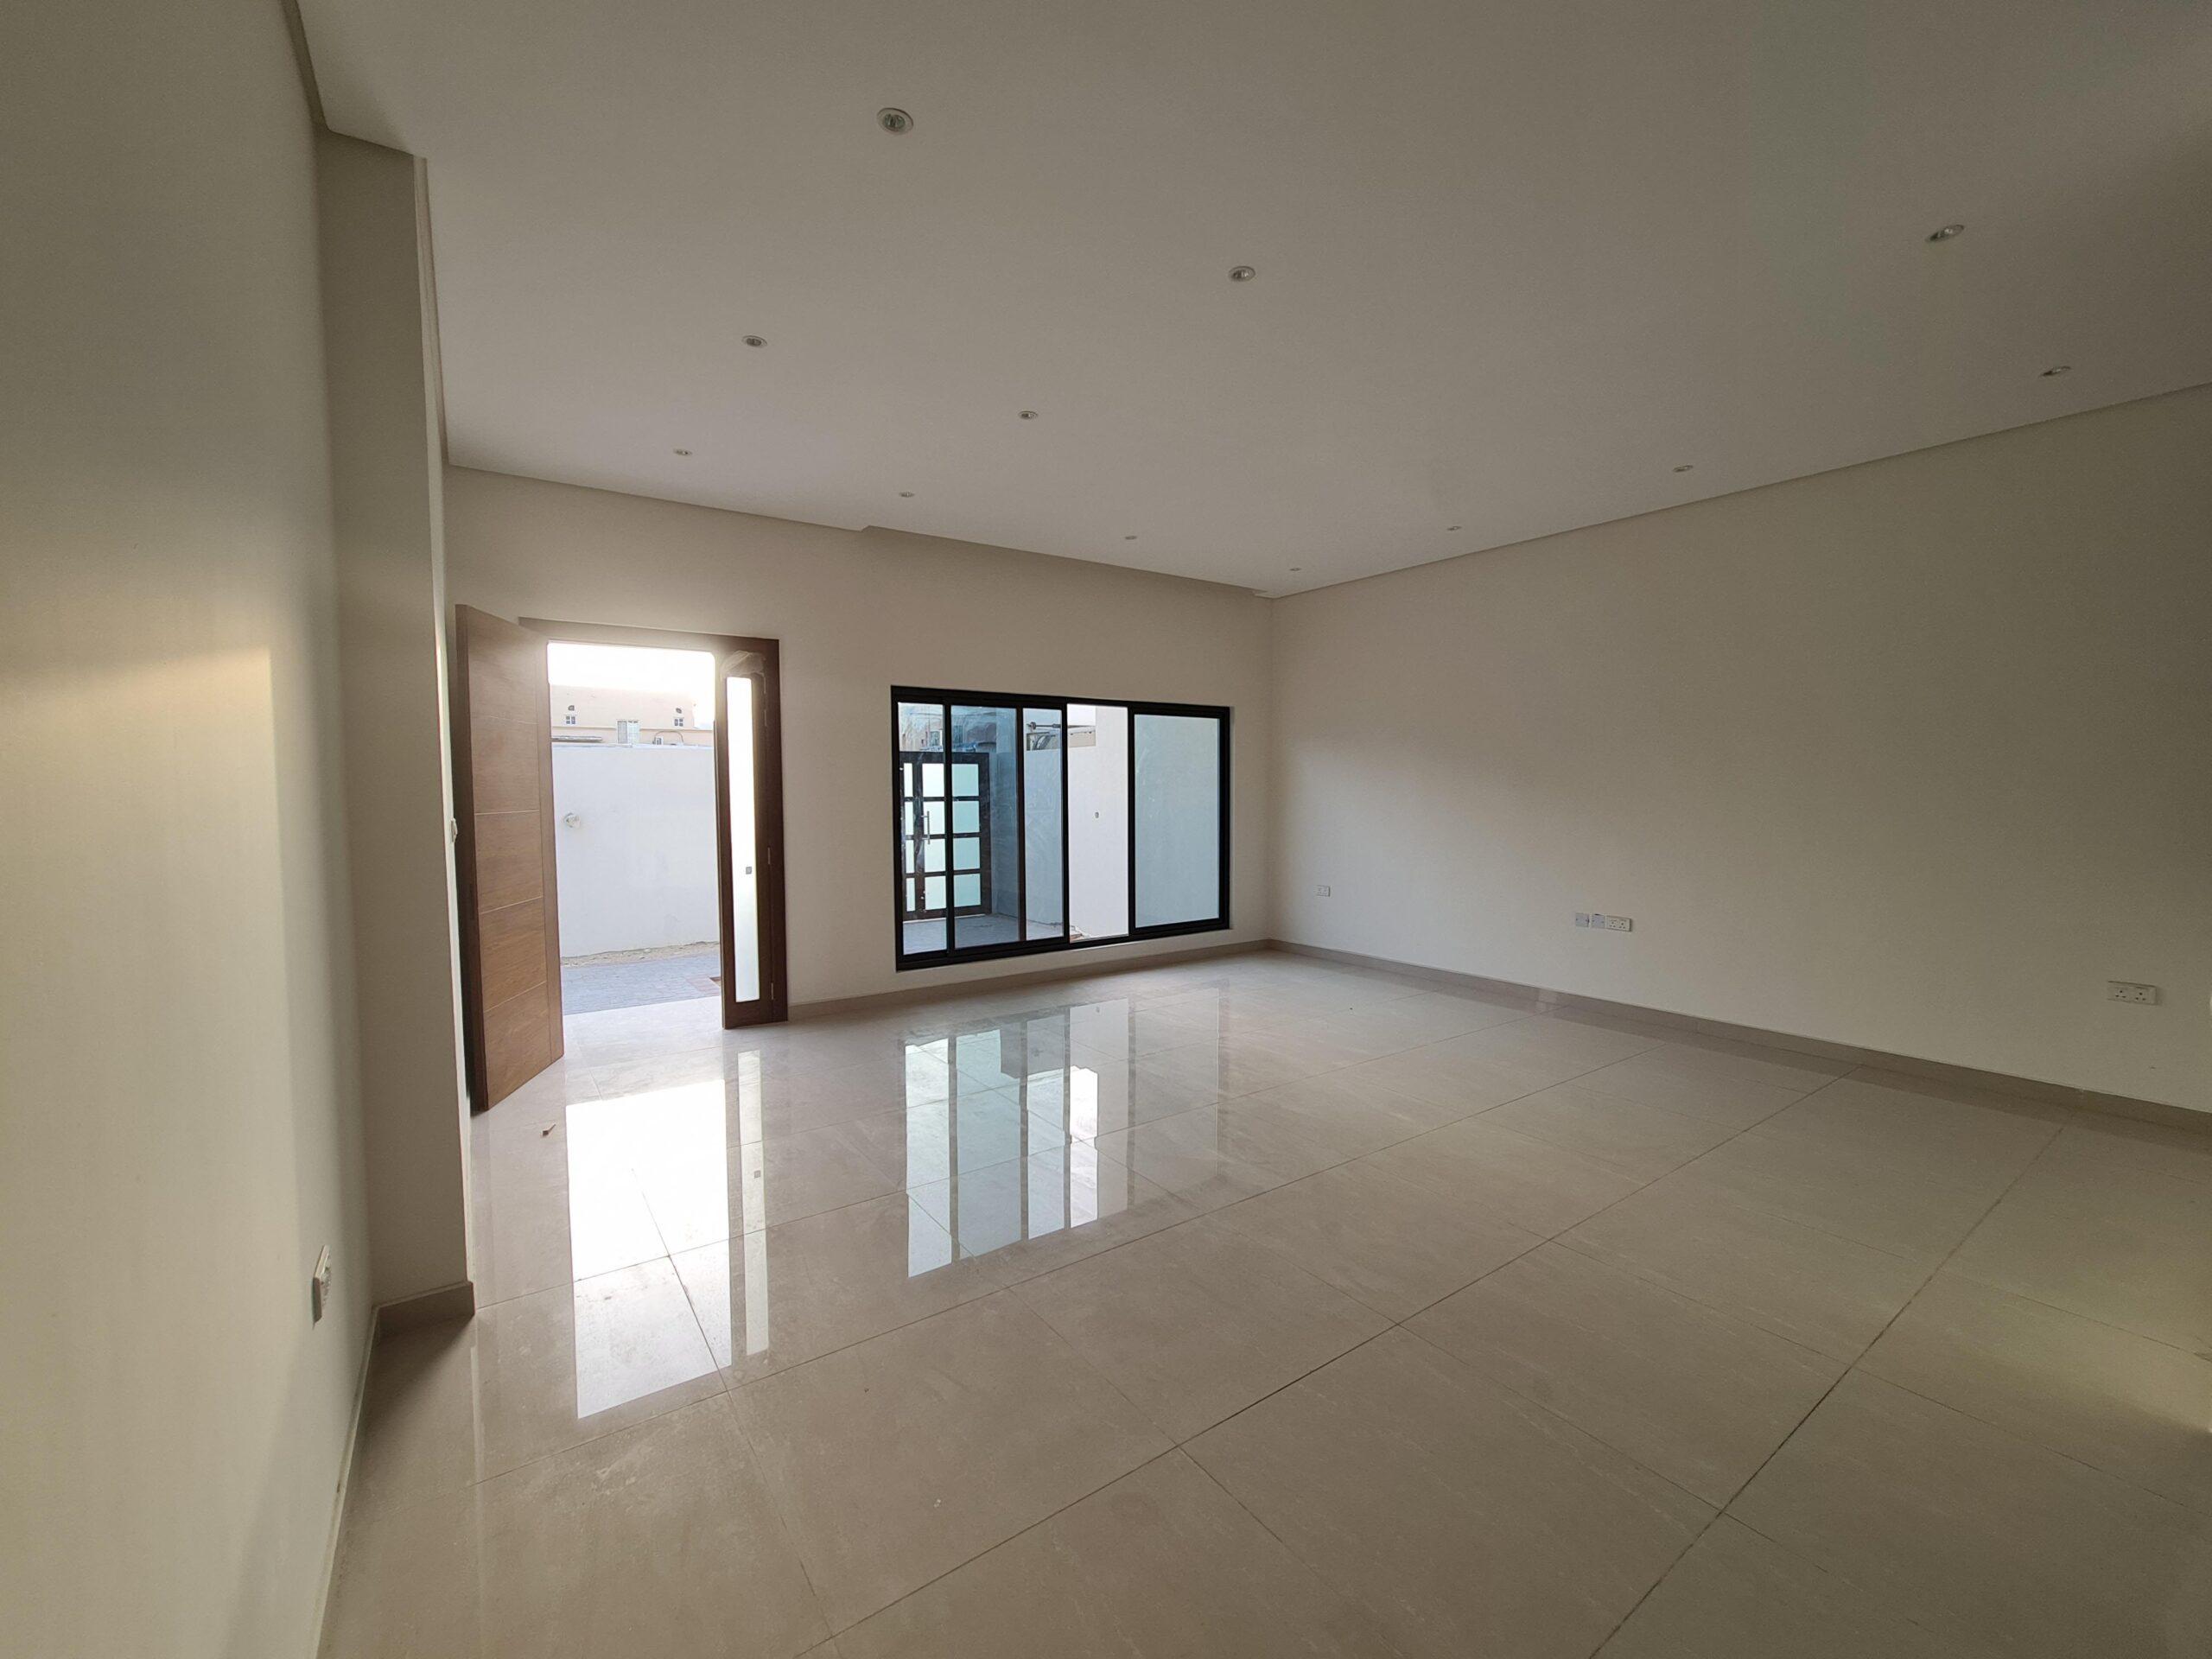 للبيع فيلا سكنية جديدة وفاخرة تتكون من أربع غرف نوم بمنطقة السهلة الشمالية (مناسبة للسكن الاجتماعي)